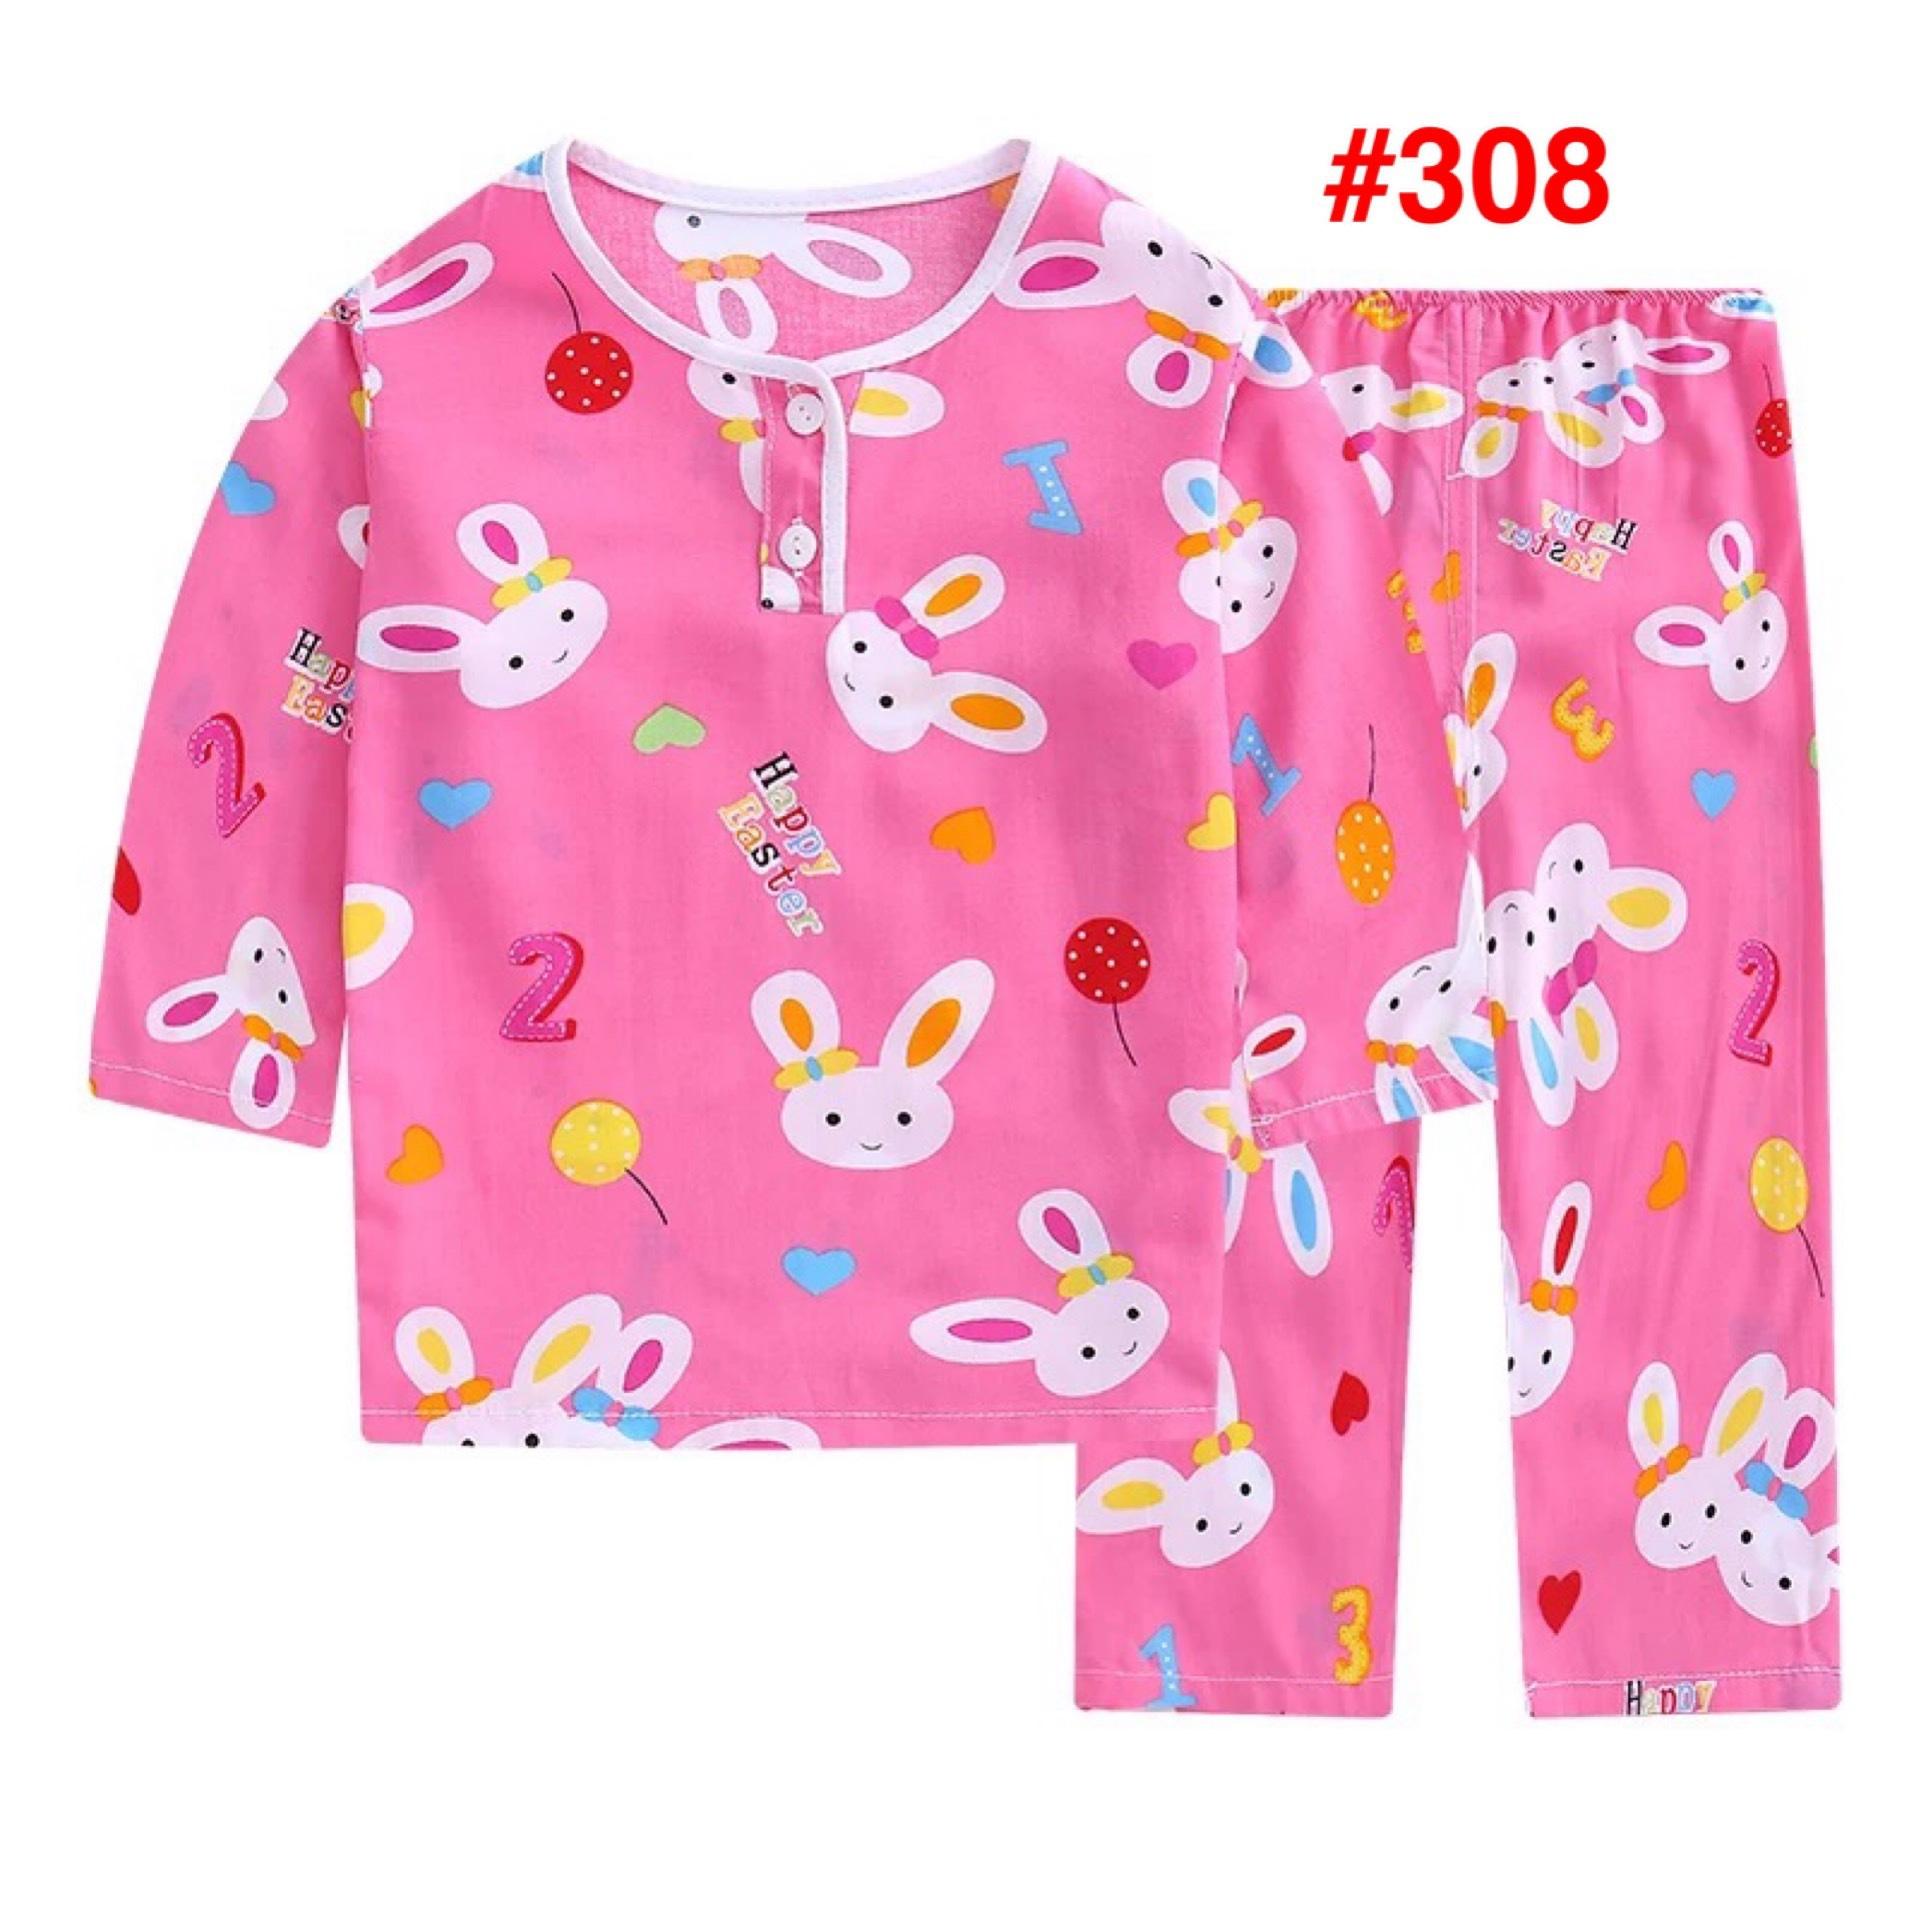 Baby Unisex Pajamas Suit 夏季儿童绵绸睡衣男童女童薄款家居服小孩子宝宝夏天棉绸长袖套装